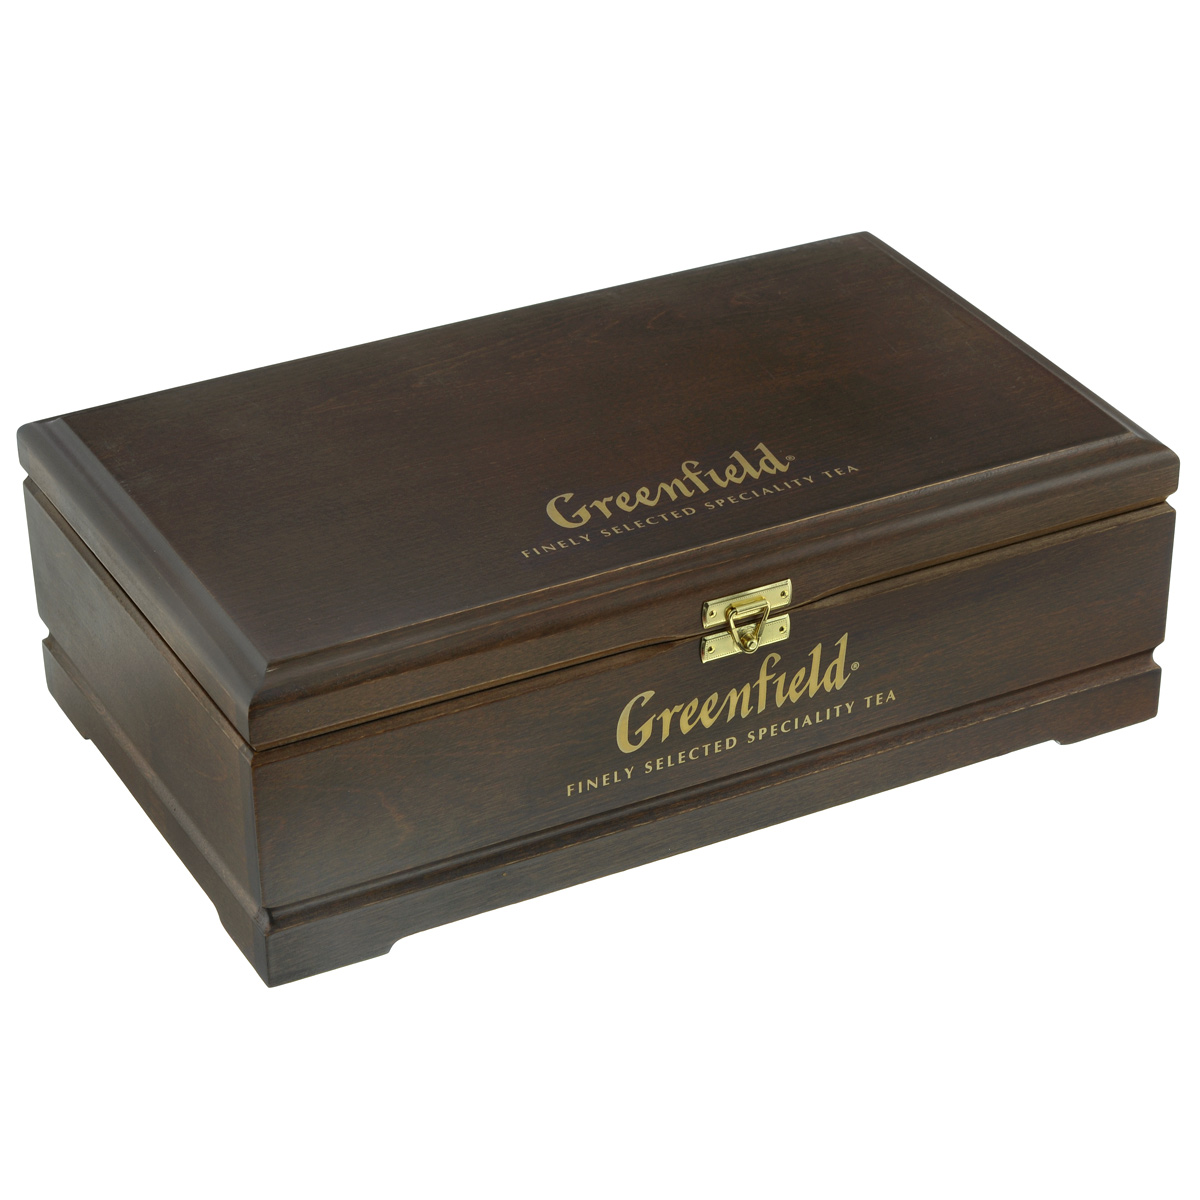 Greenfield подарочный набор: 8 видов чая, 178 г (деревянная шкатулка) greenfield jasmine dream зеленый ароматизированный листовой чай 100 г